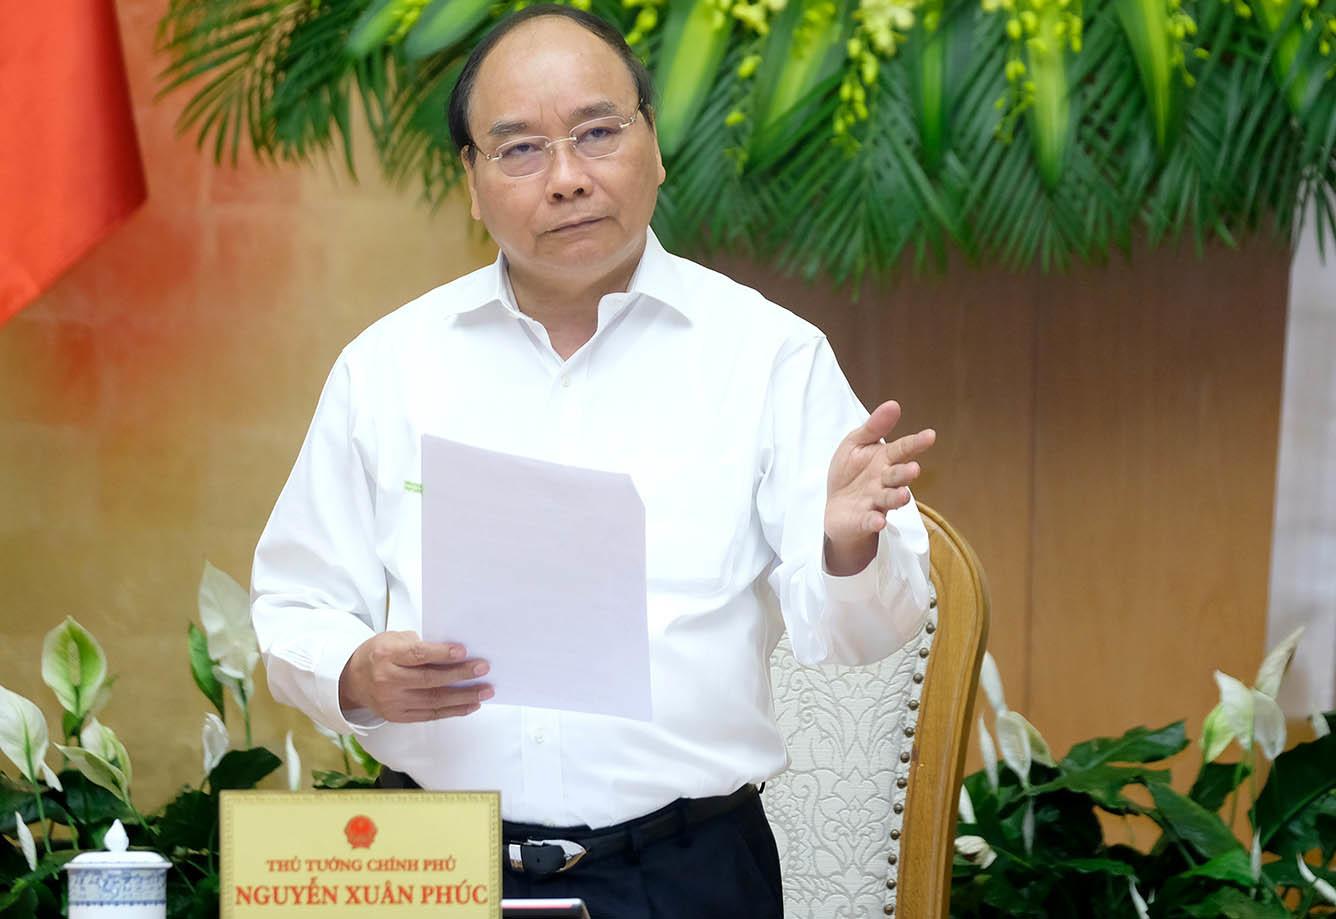 Thủ tướng,Nguyễn Xuân Phúc,trạm thu giá,trạm BOT,BOT,Bộ GTVT,trạm thu phí